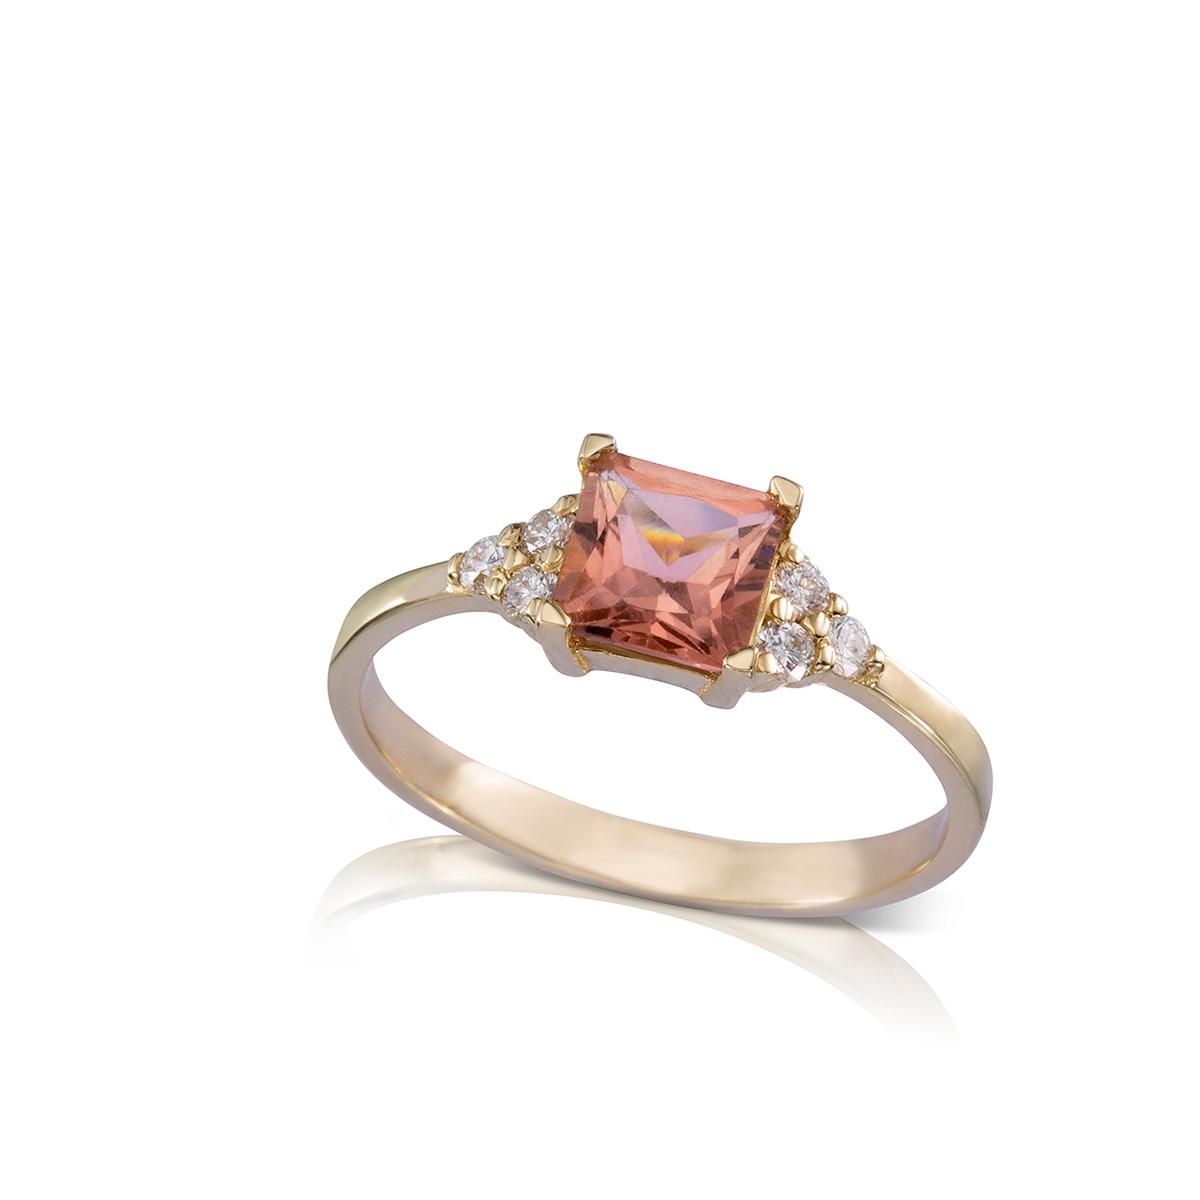 טבעת זהב משובצת טורמלין ורוד פרינסס ו-6 יהלומים צדדים